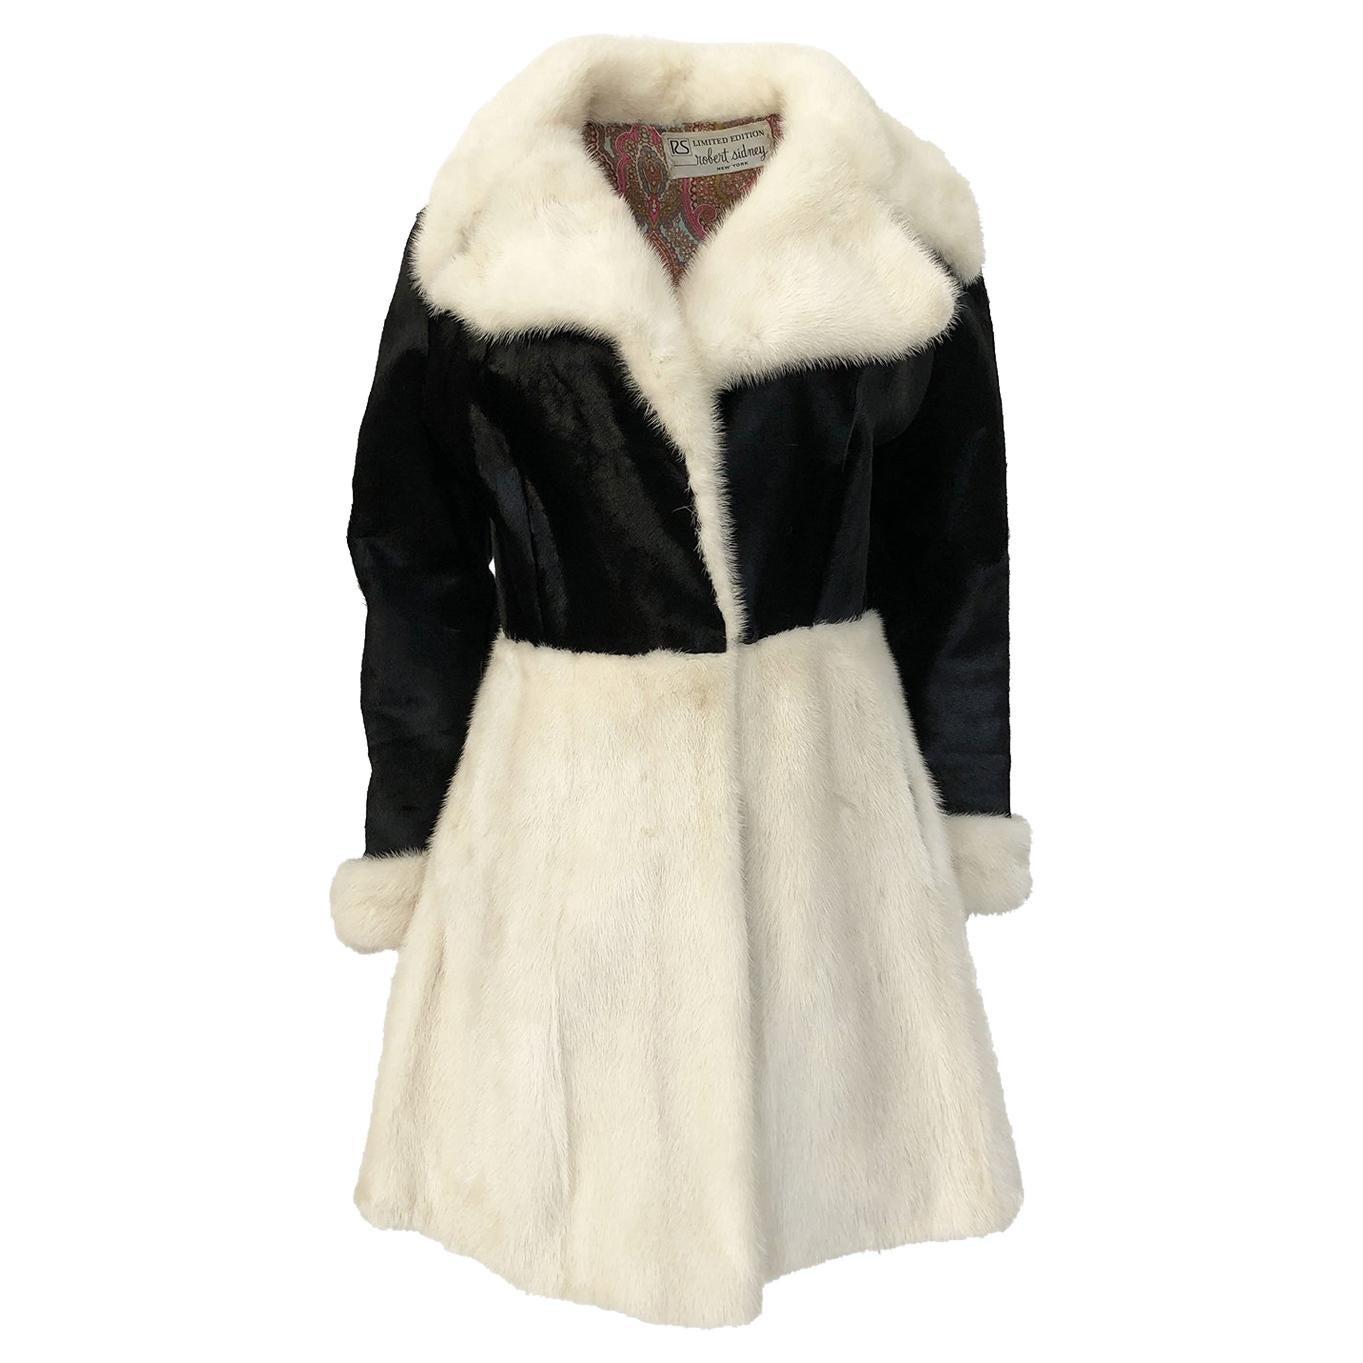 350413b43e7d Vintage Fur Coats - 916 For Sale on 1stdibs